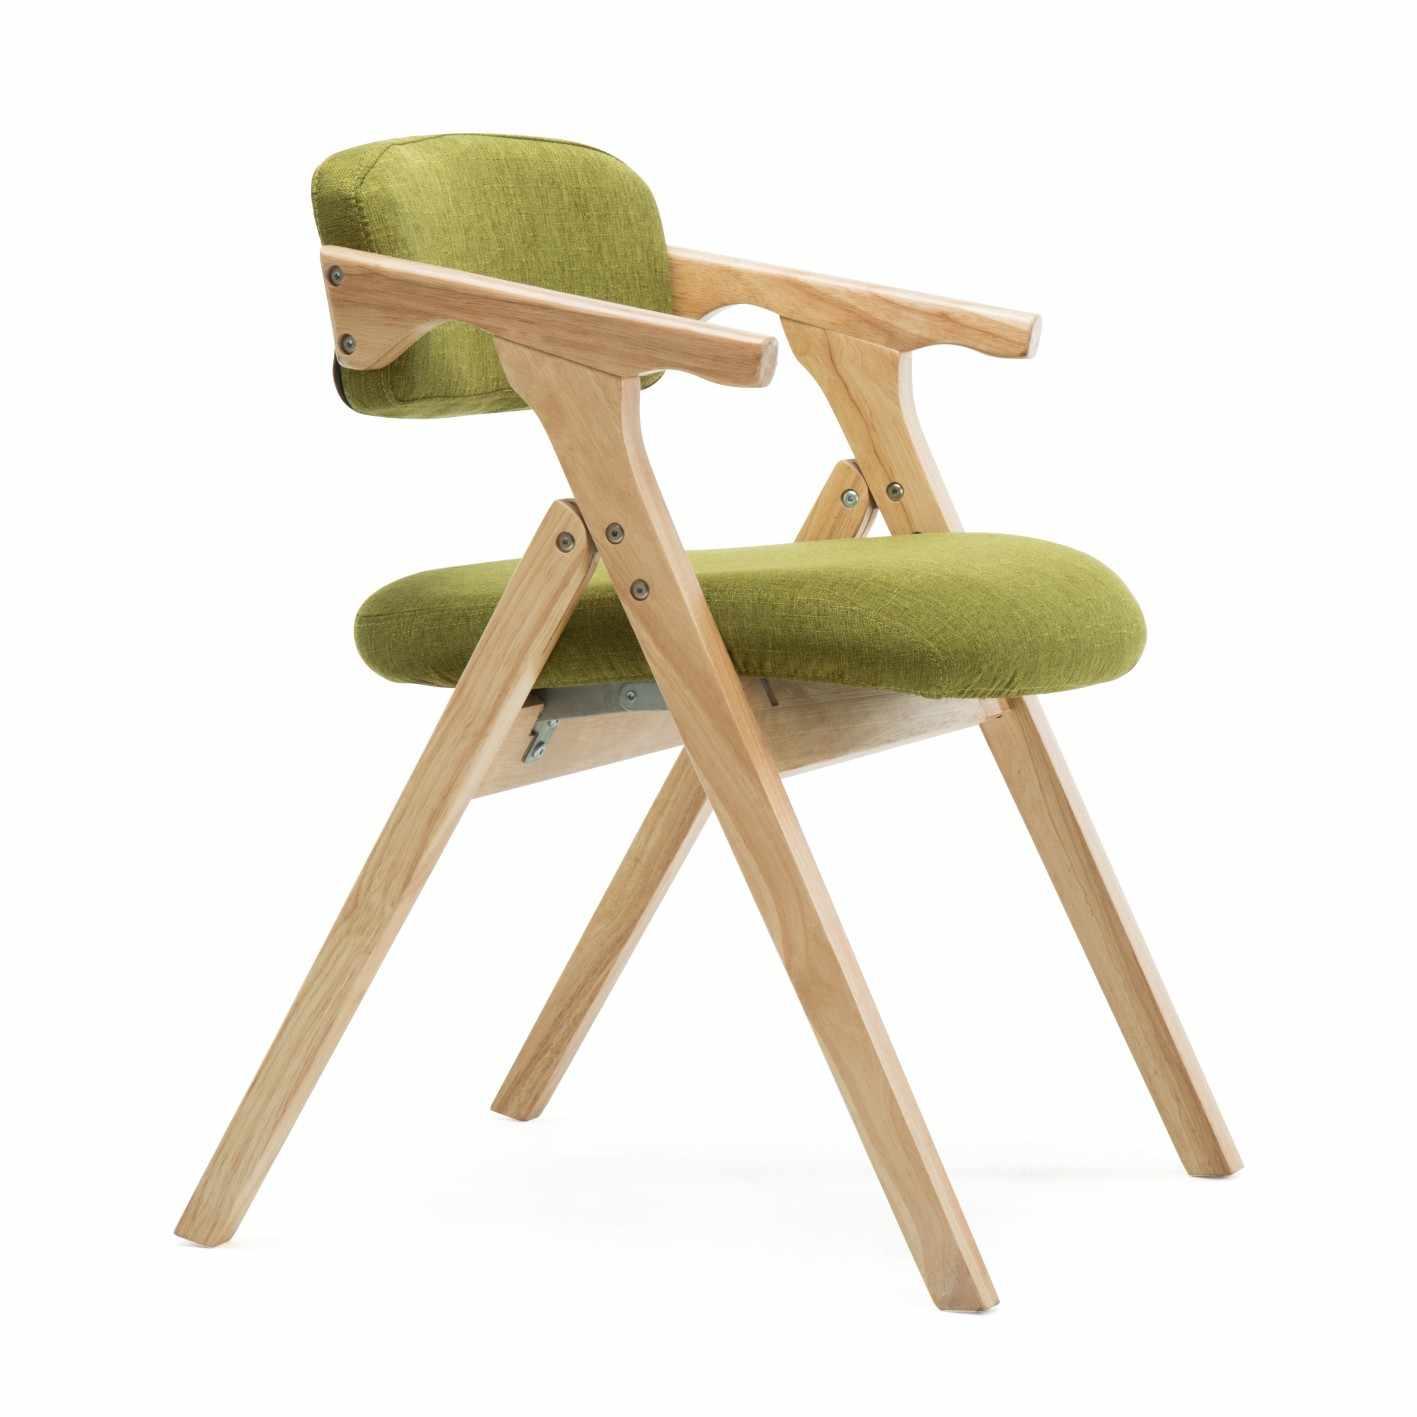 Esszimmer Stuhl Nordic Holz Esszimmer Stuhl Moderne Minimalistischen Stoff Klappstuhl Armlehne Ruckenlehne Computer Stuhl Hause Wohnzimmer Sofa Esszimmerstuhle Aliexpress